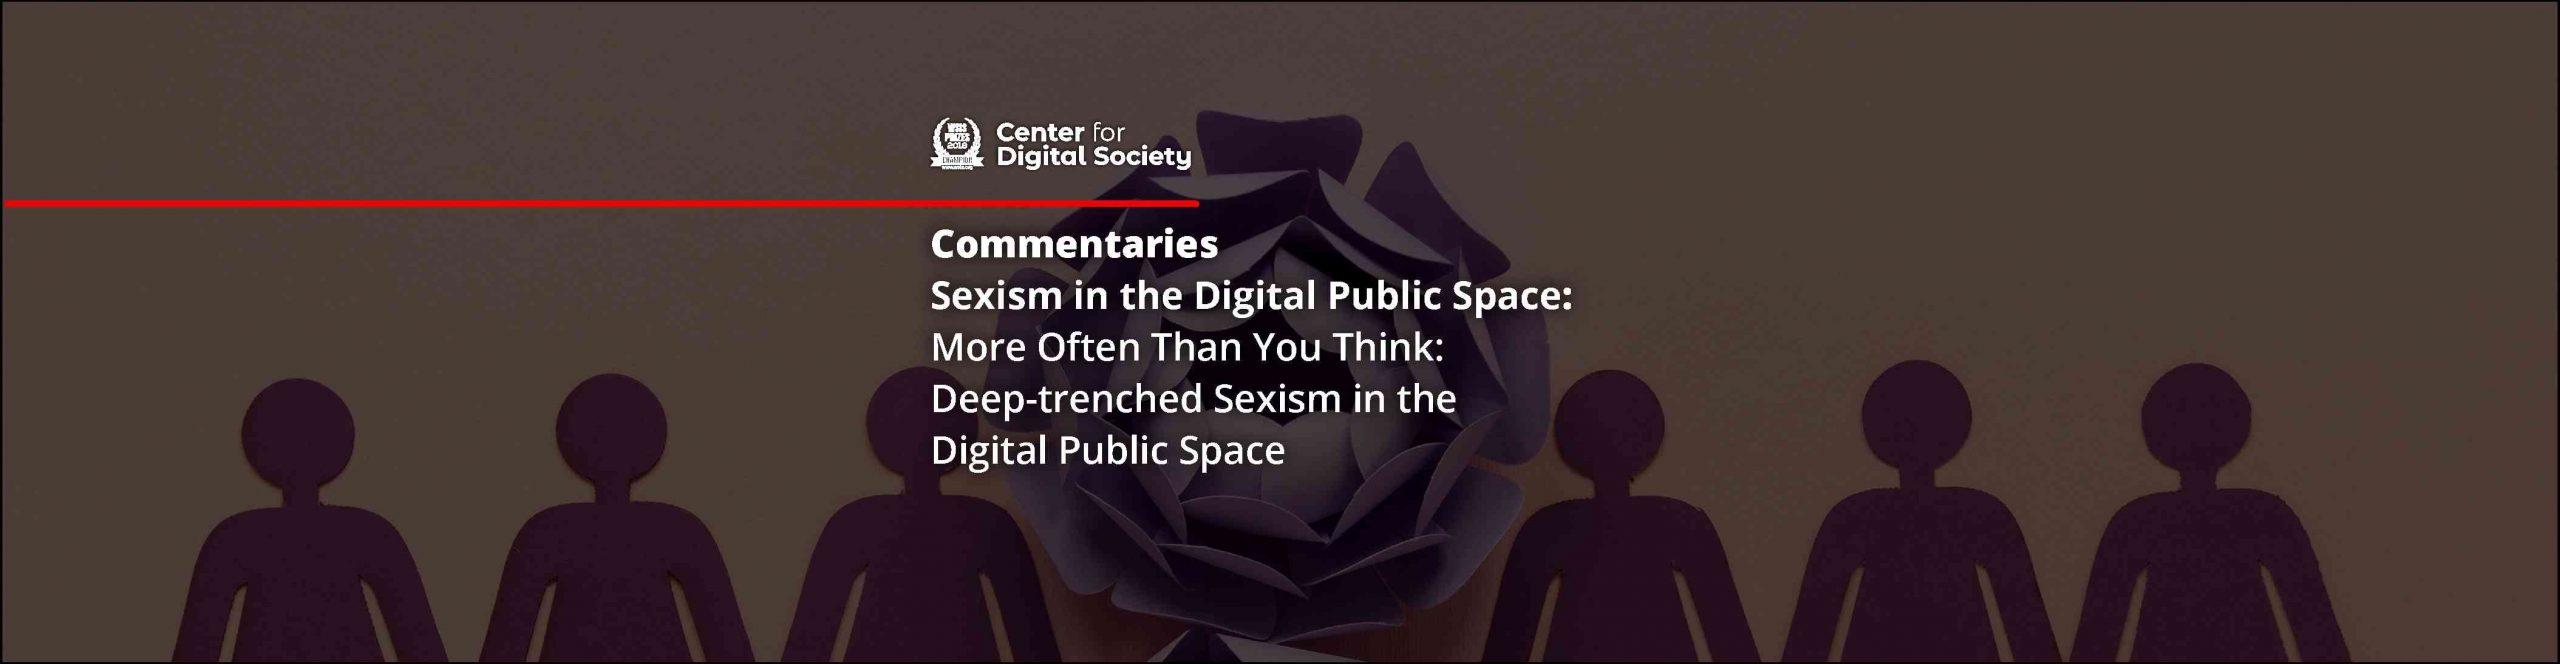 More Often Than You Think: Seksisme Mendalam di dalam Ruang Publik Digital